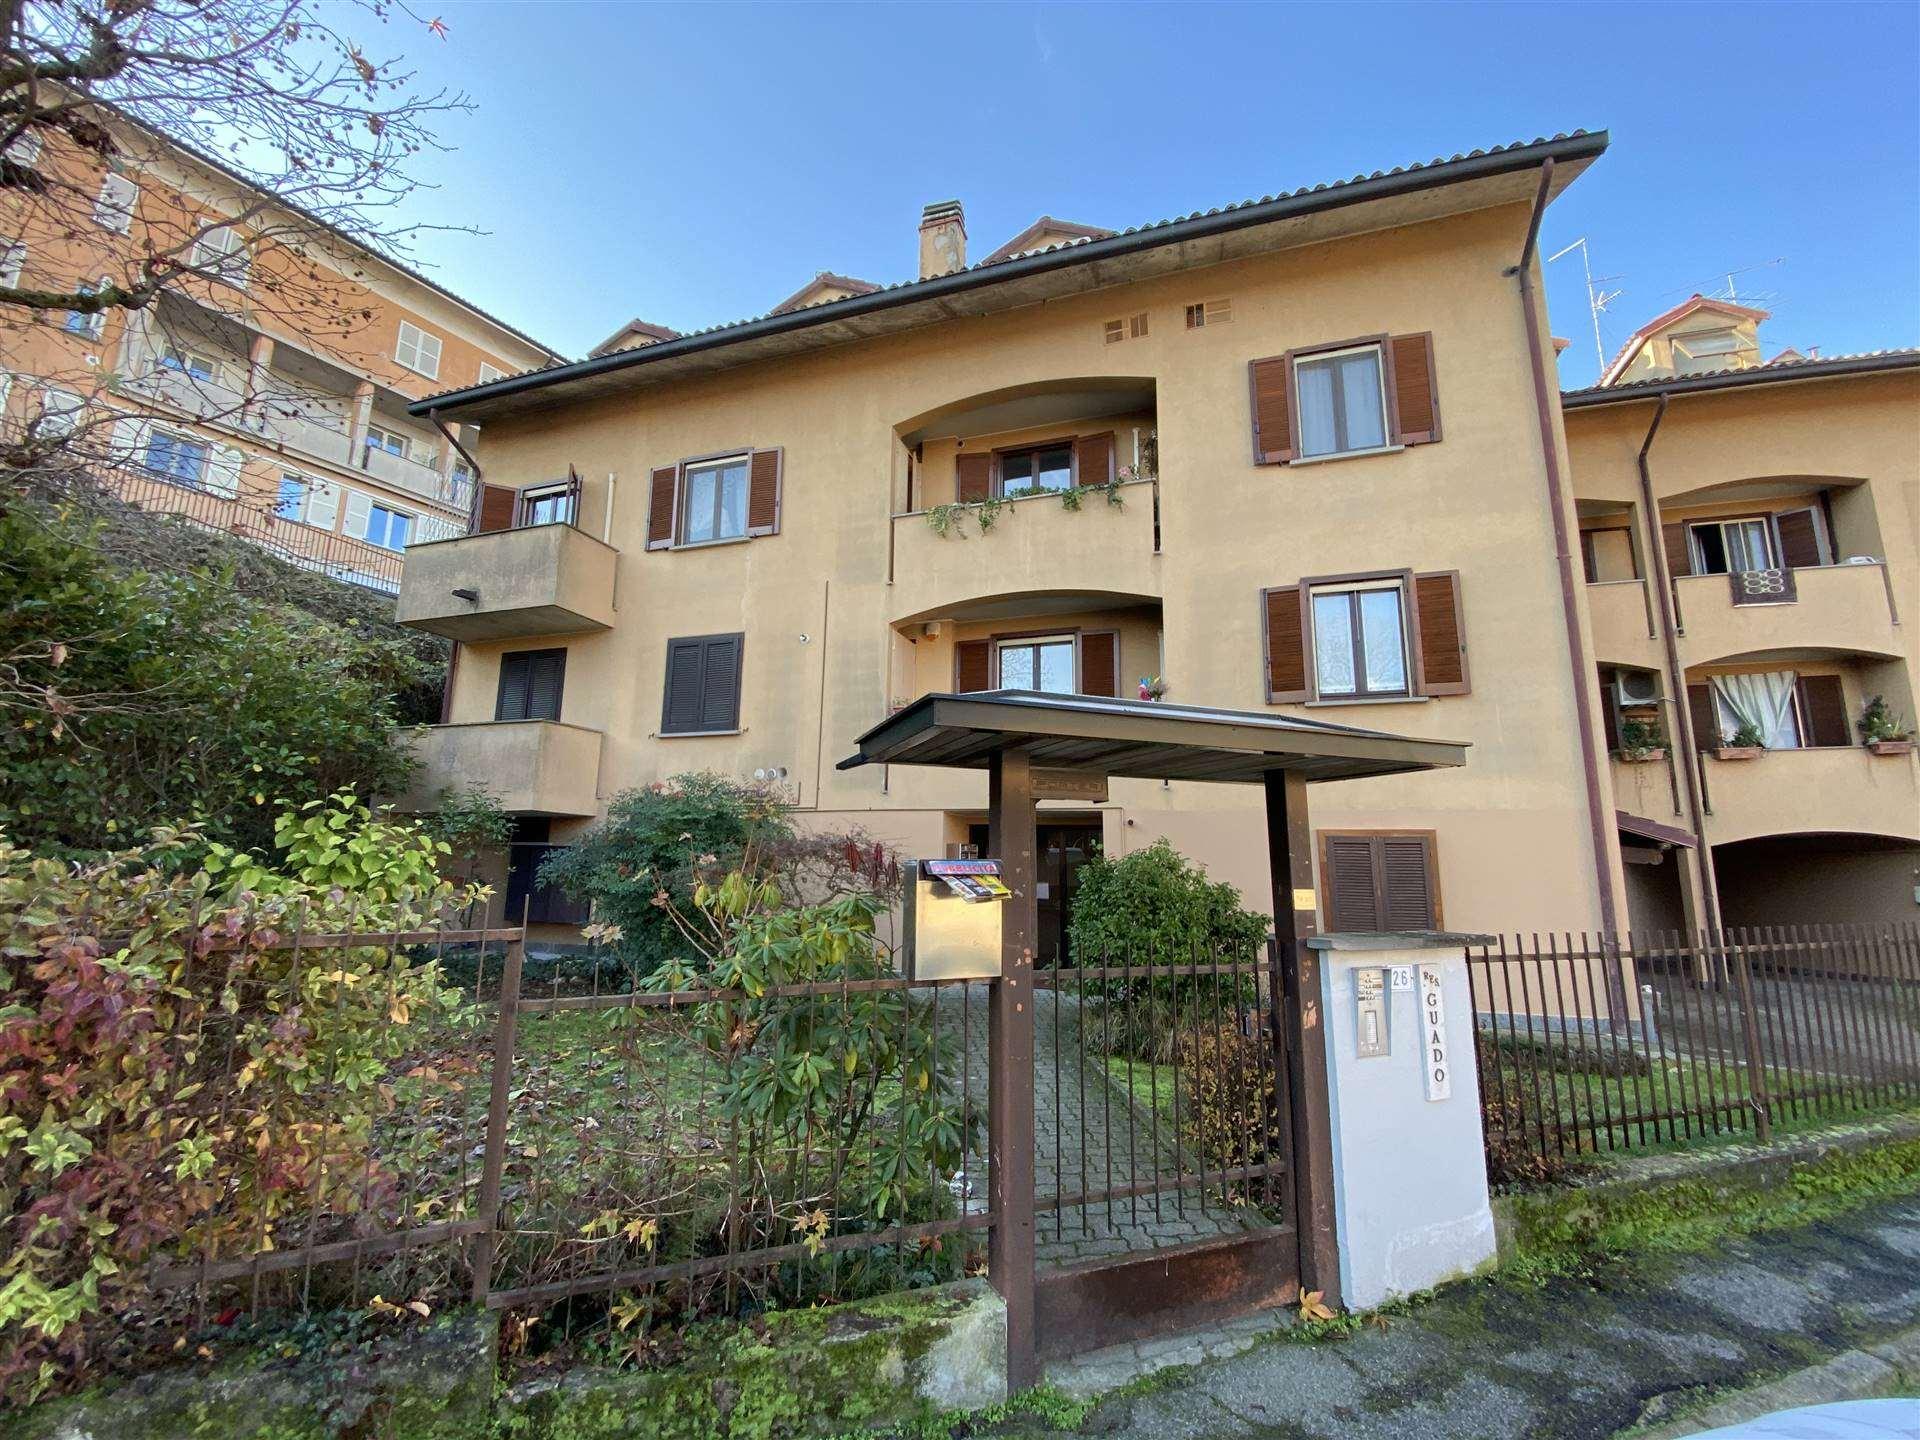 Appartamento in vendita a Sant'Angelo Lodigiano, 2 locali, prezzo € 45.000   CambioCasa.it